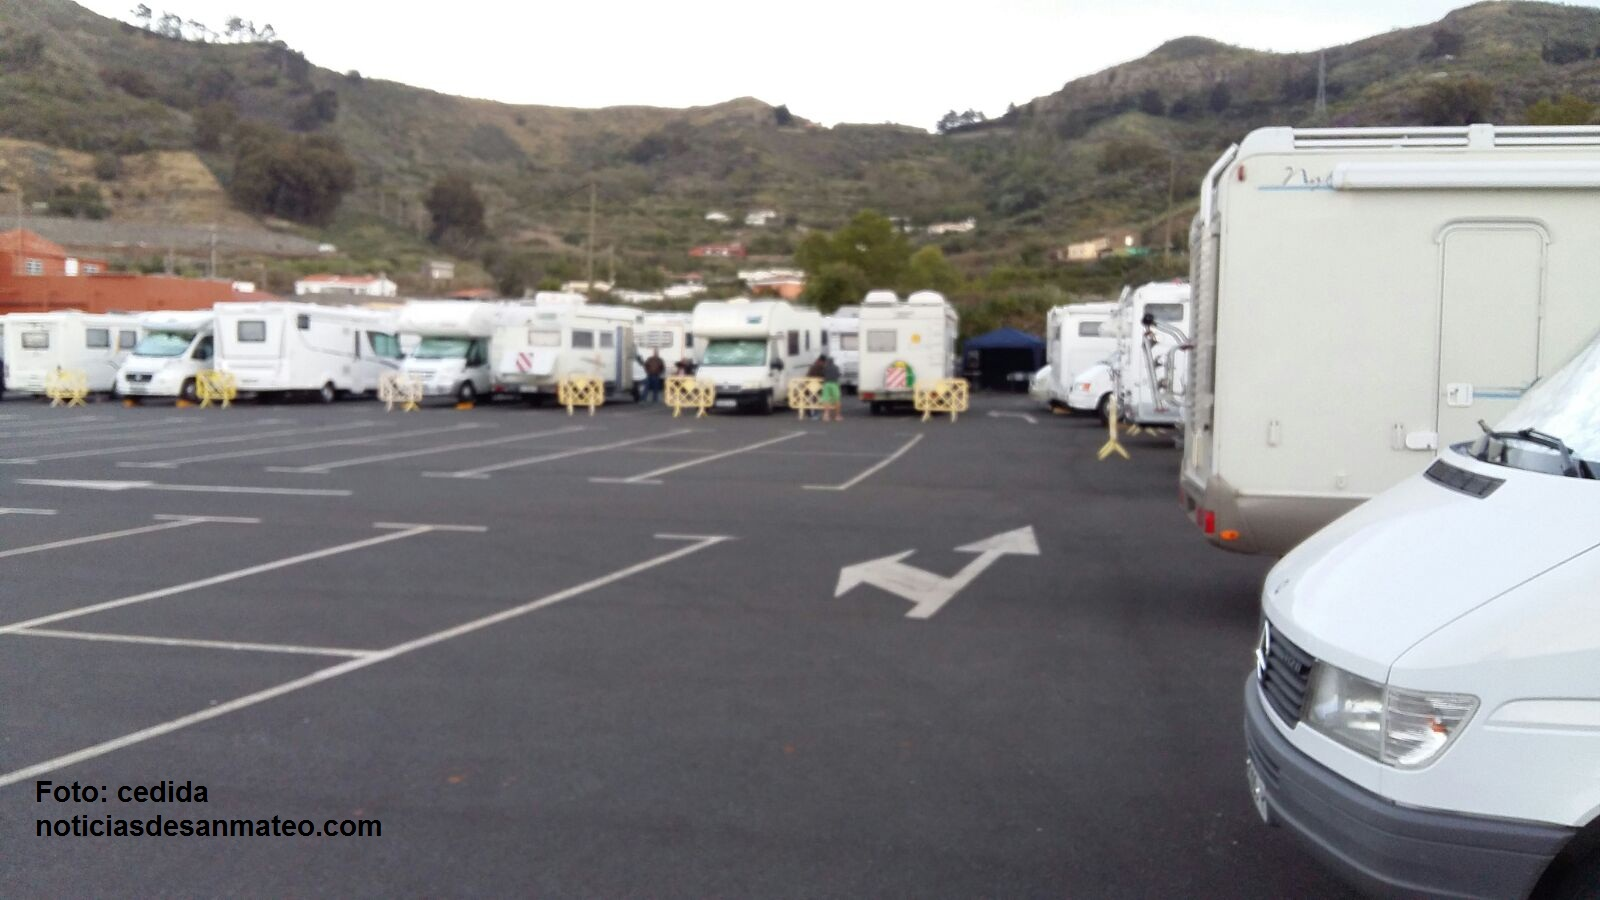 Caravanas en Hoya Viciosa Mayo de 2016 Foto Noticias de San Mateo